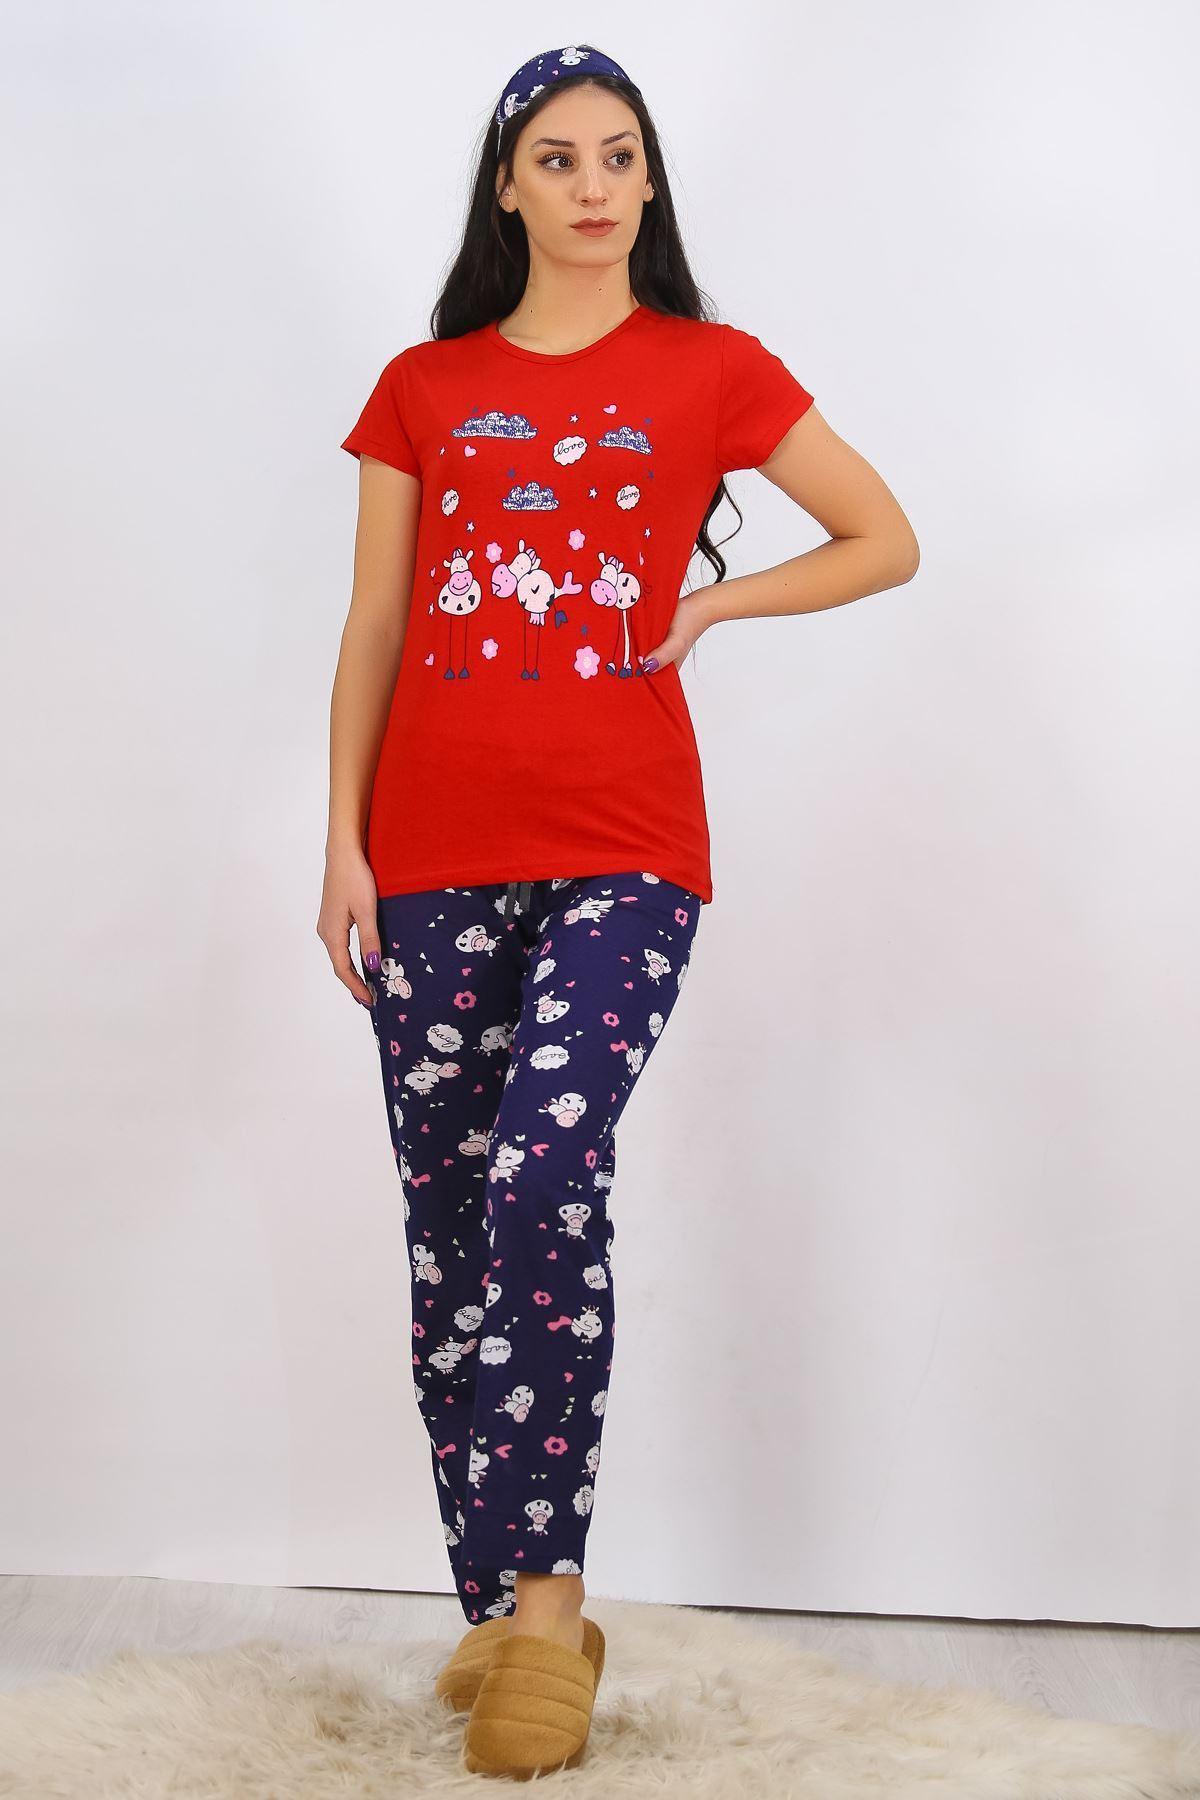 Baskılı Pijama Takımı Kırmızı - 4698.102.